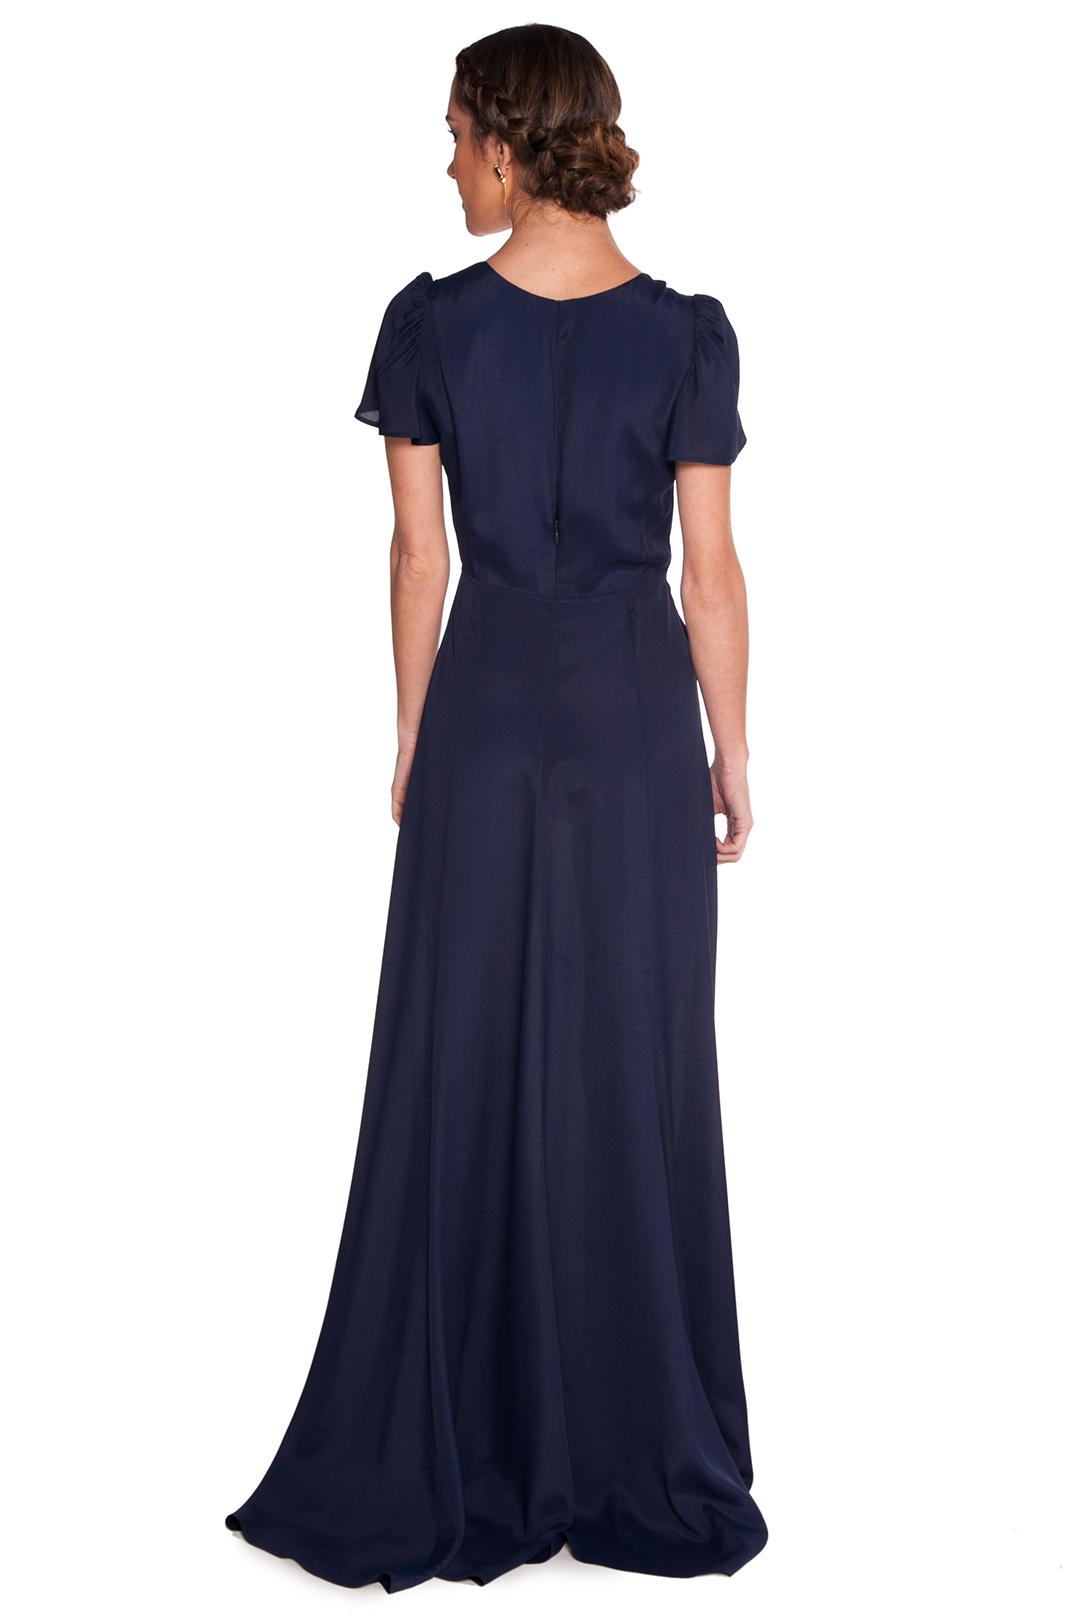 left - Vestido Reformation Blue Night